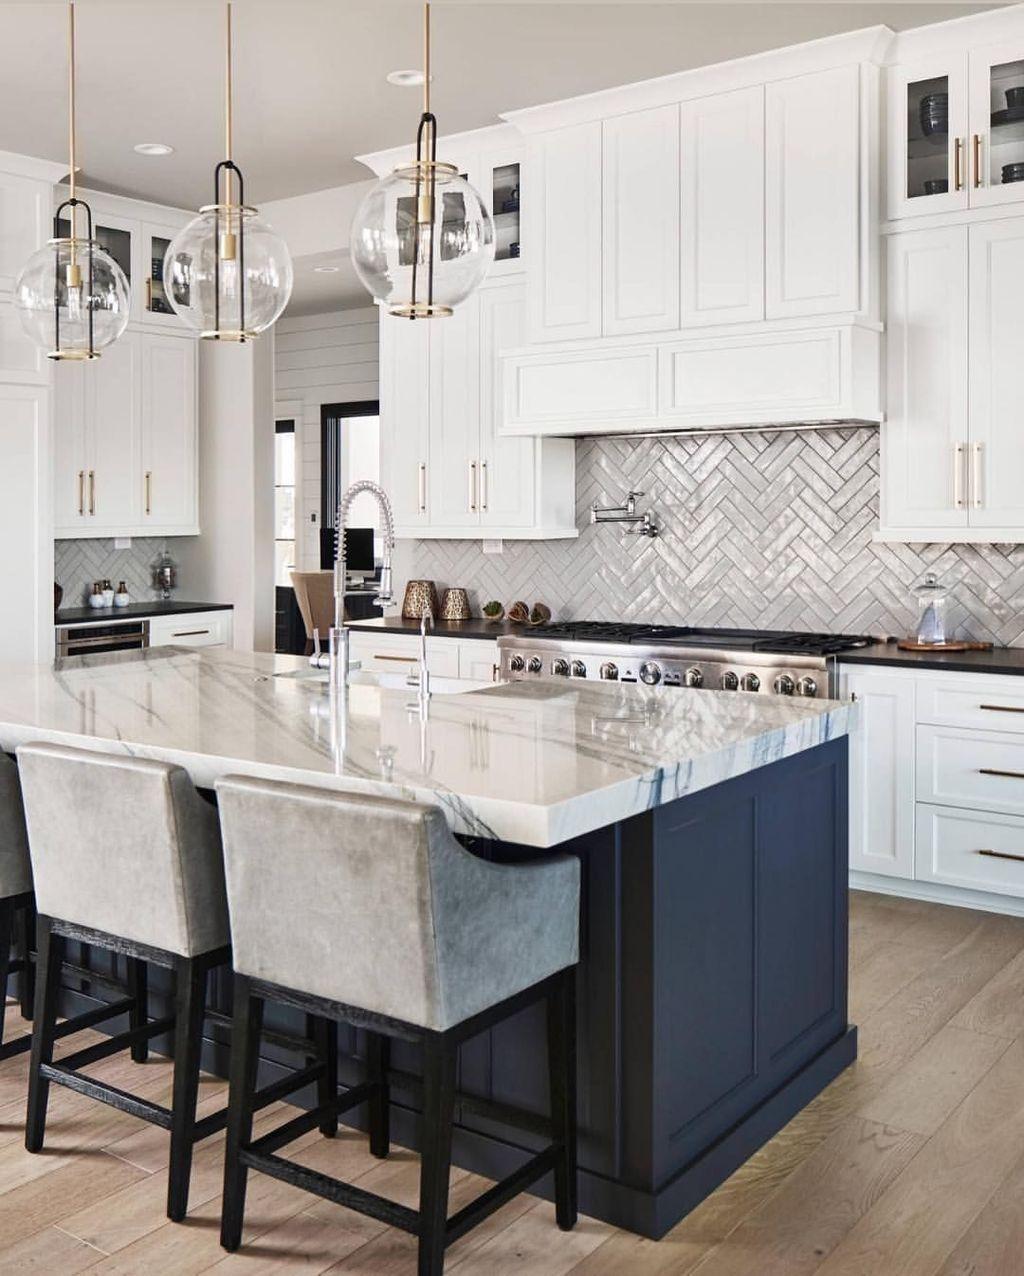 39 adorable white kitchen design ideas home decor kitchen white kitchen design home kitchens on kitchen ideas white id=41175